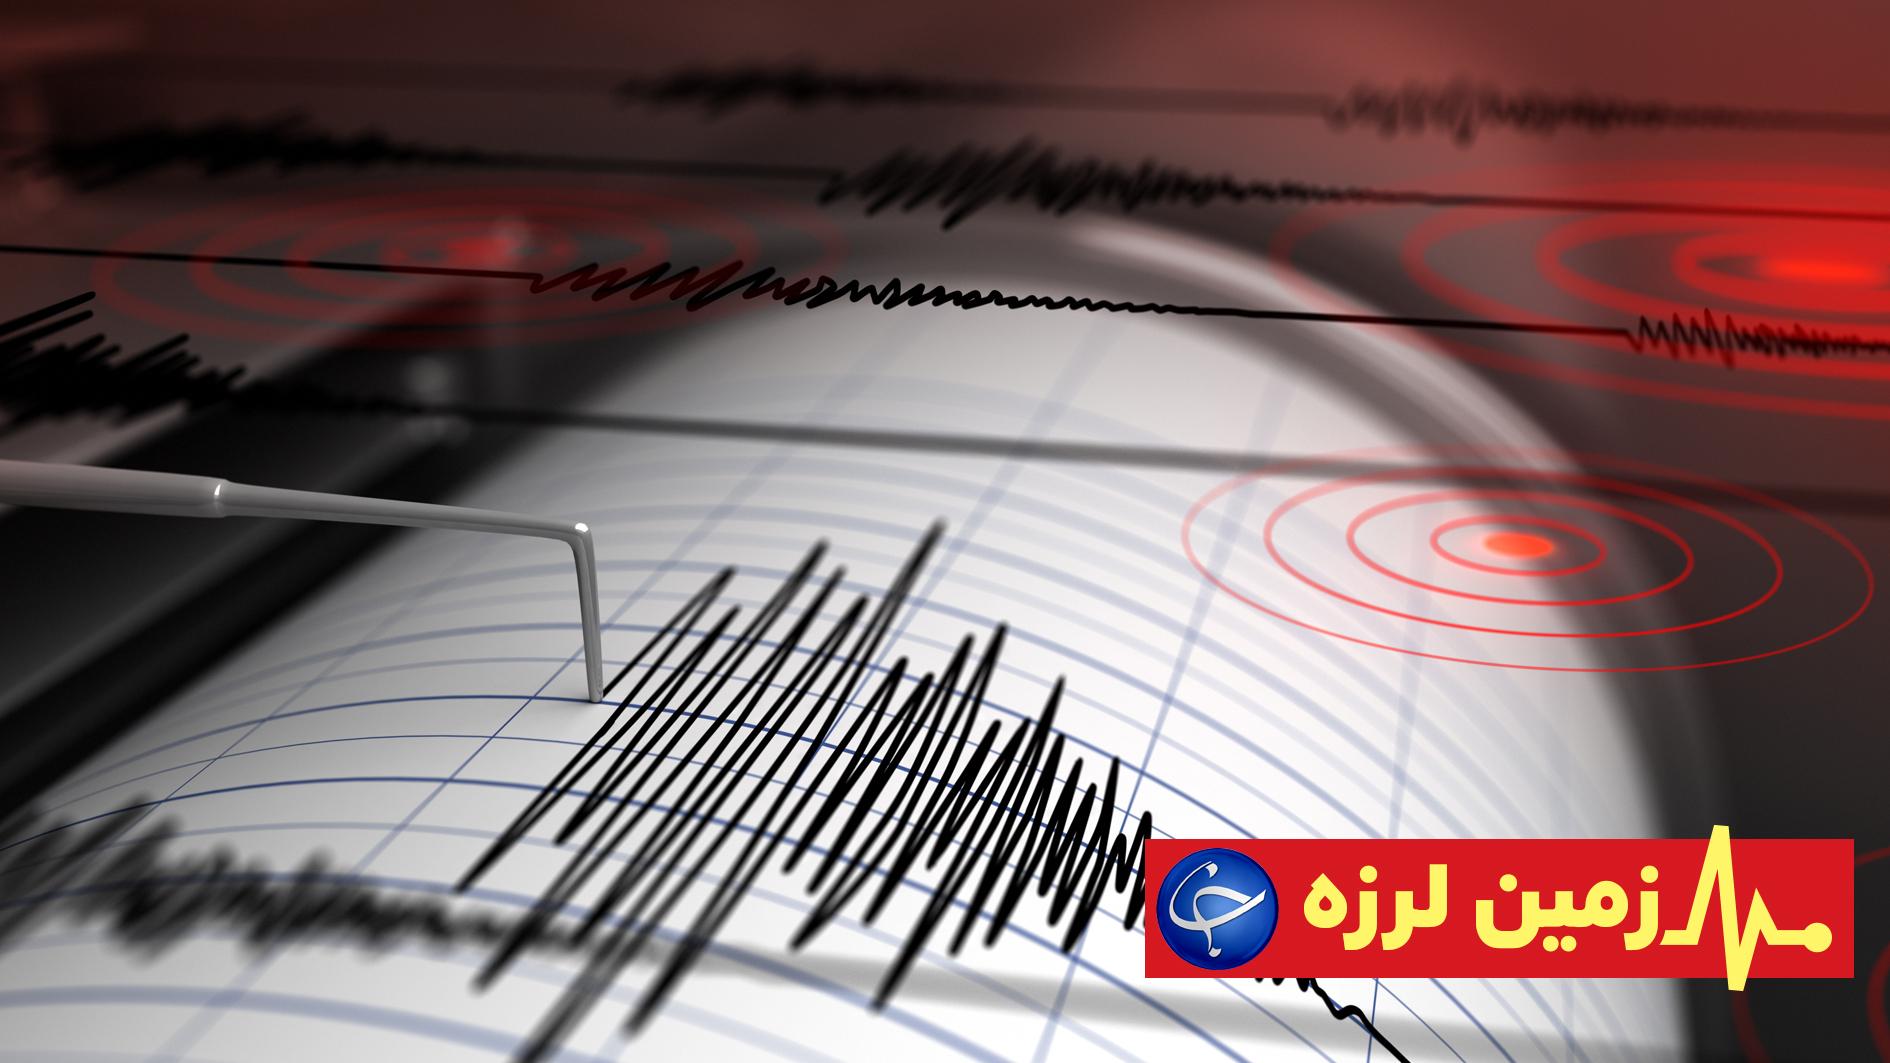 زلزله ۴.۱ ریشتری هجدک کرمان را لرزاند